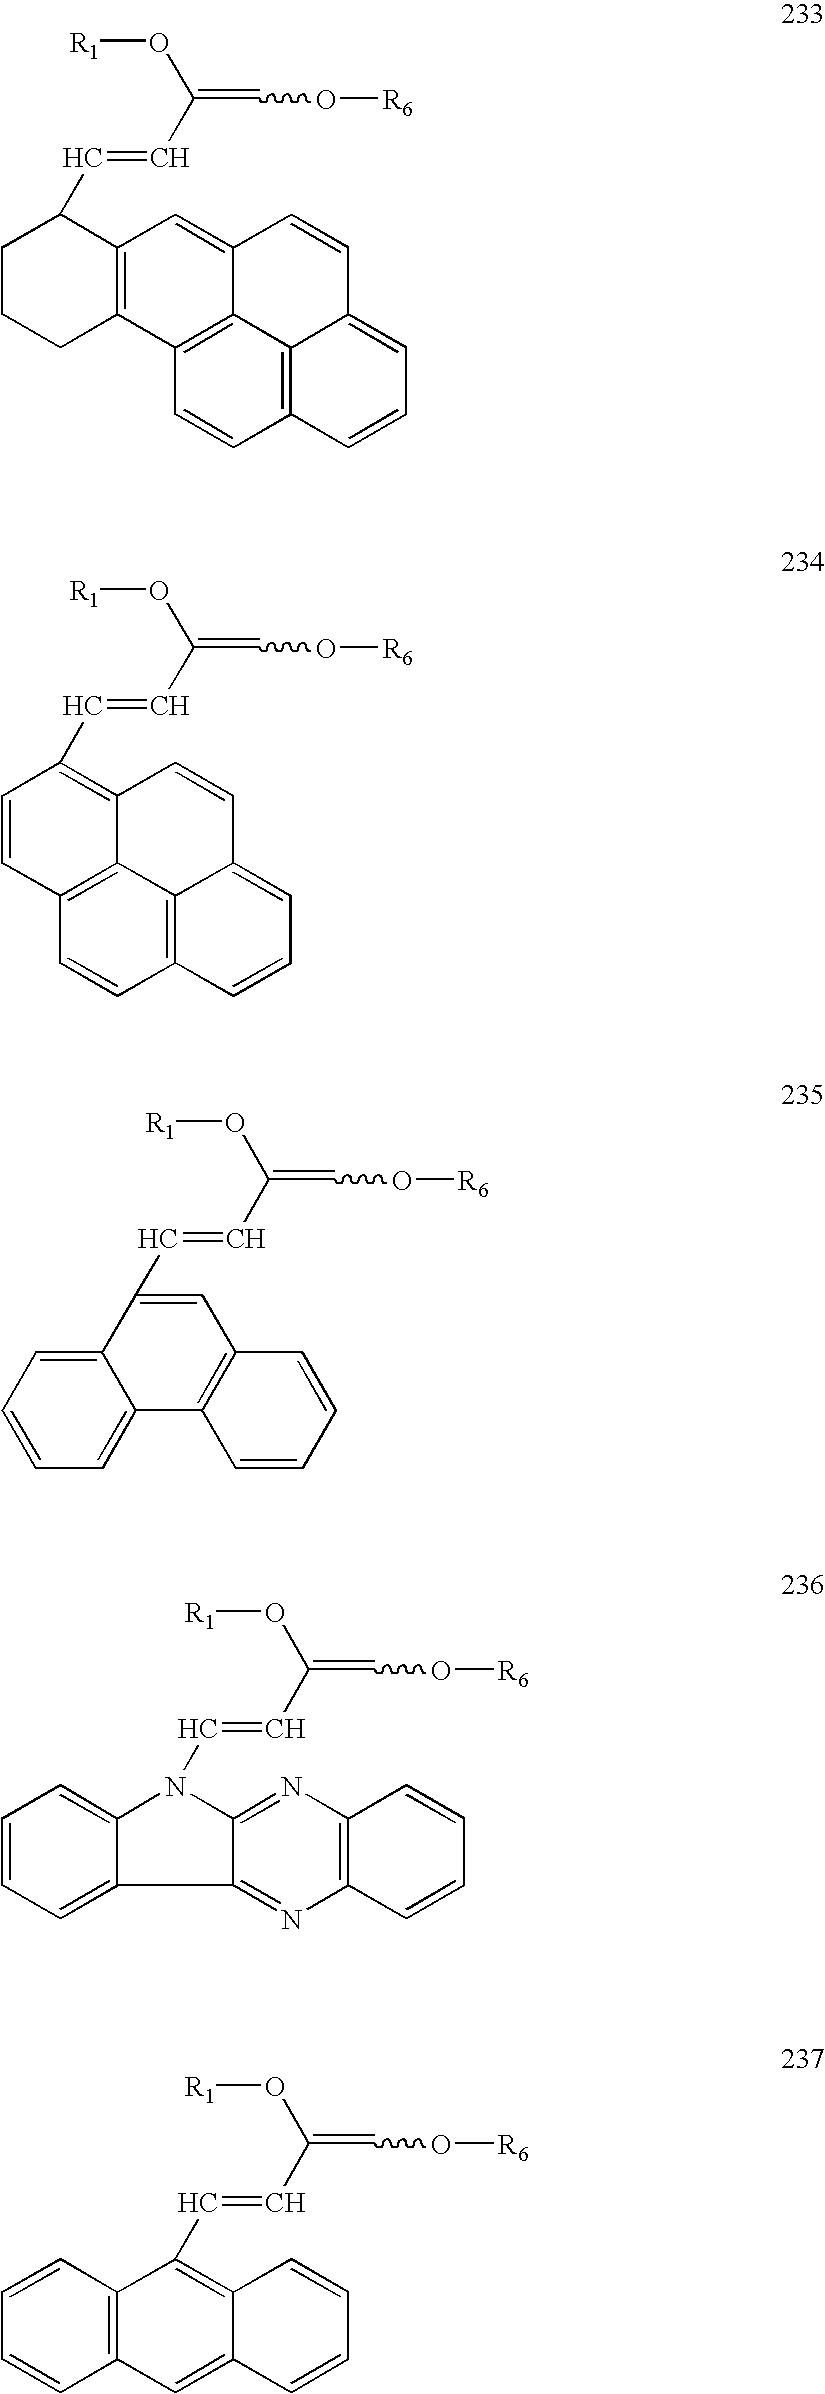 Figure US20060014144A1-20060119-C00139